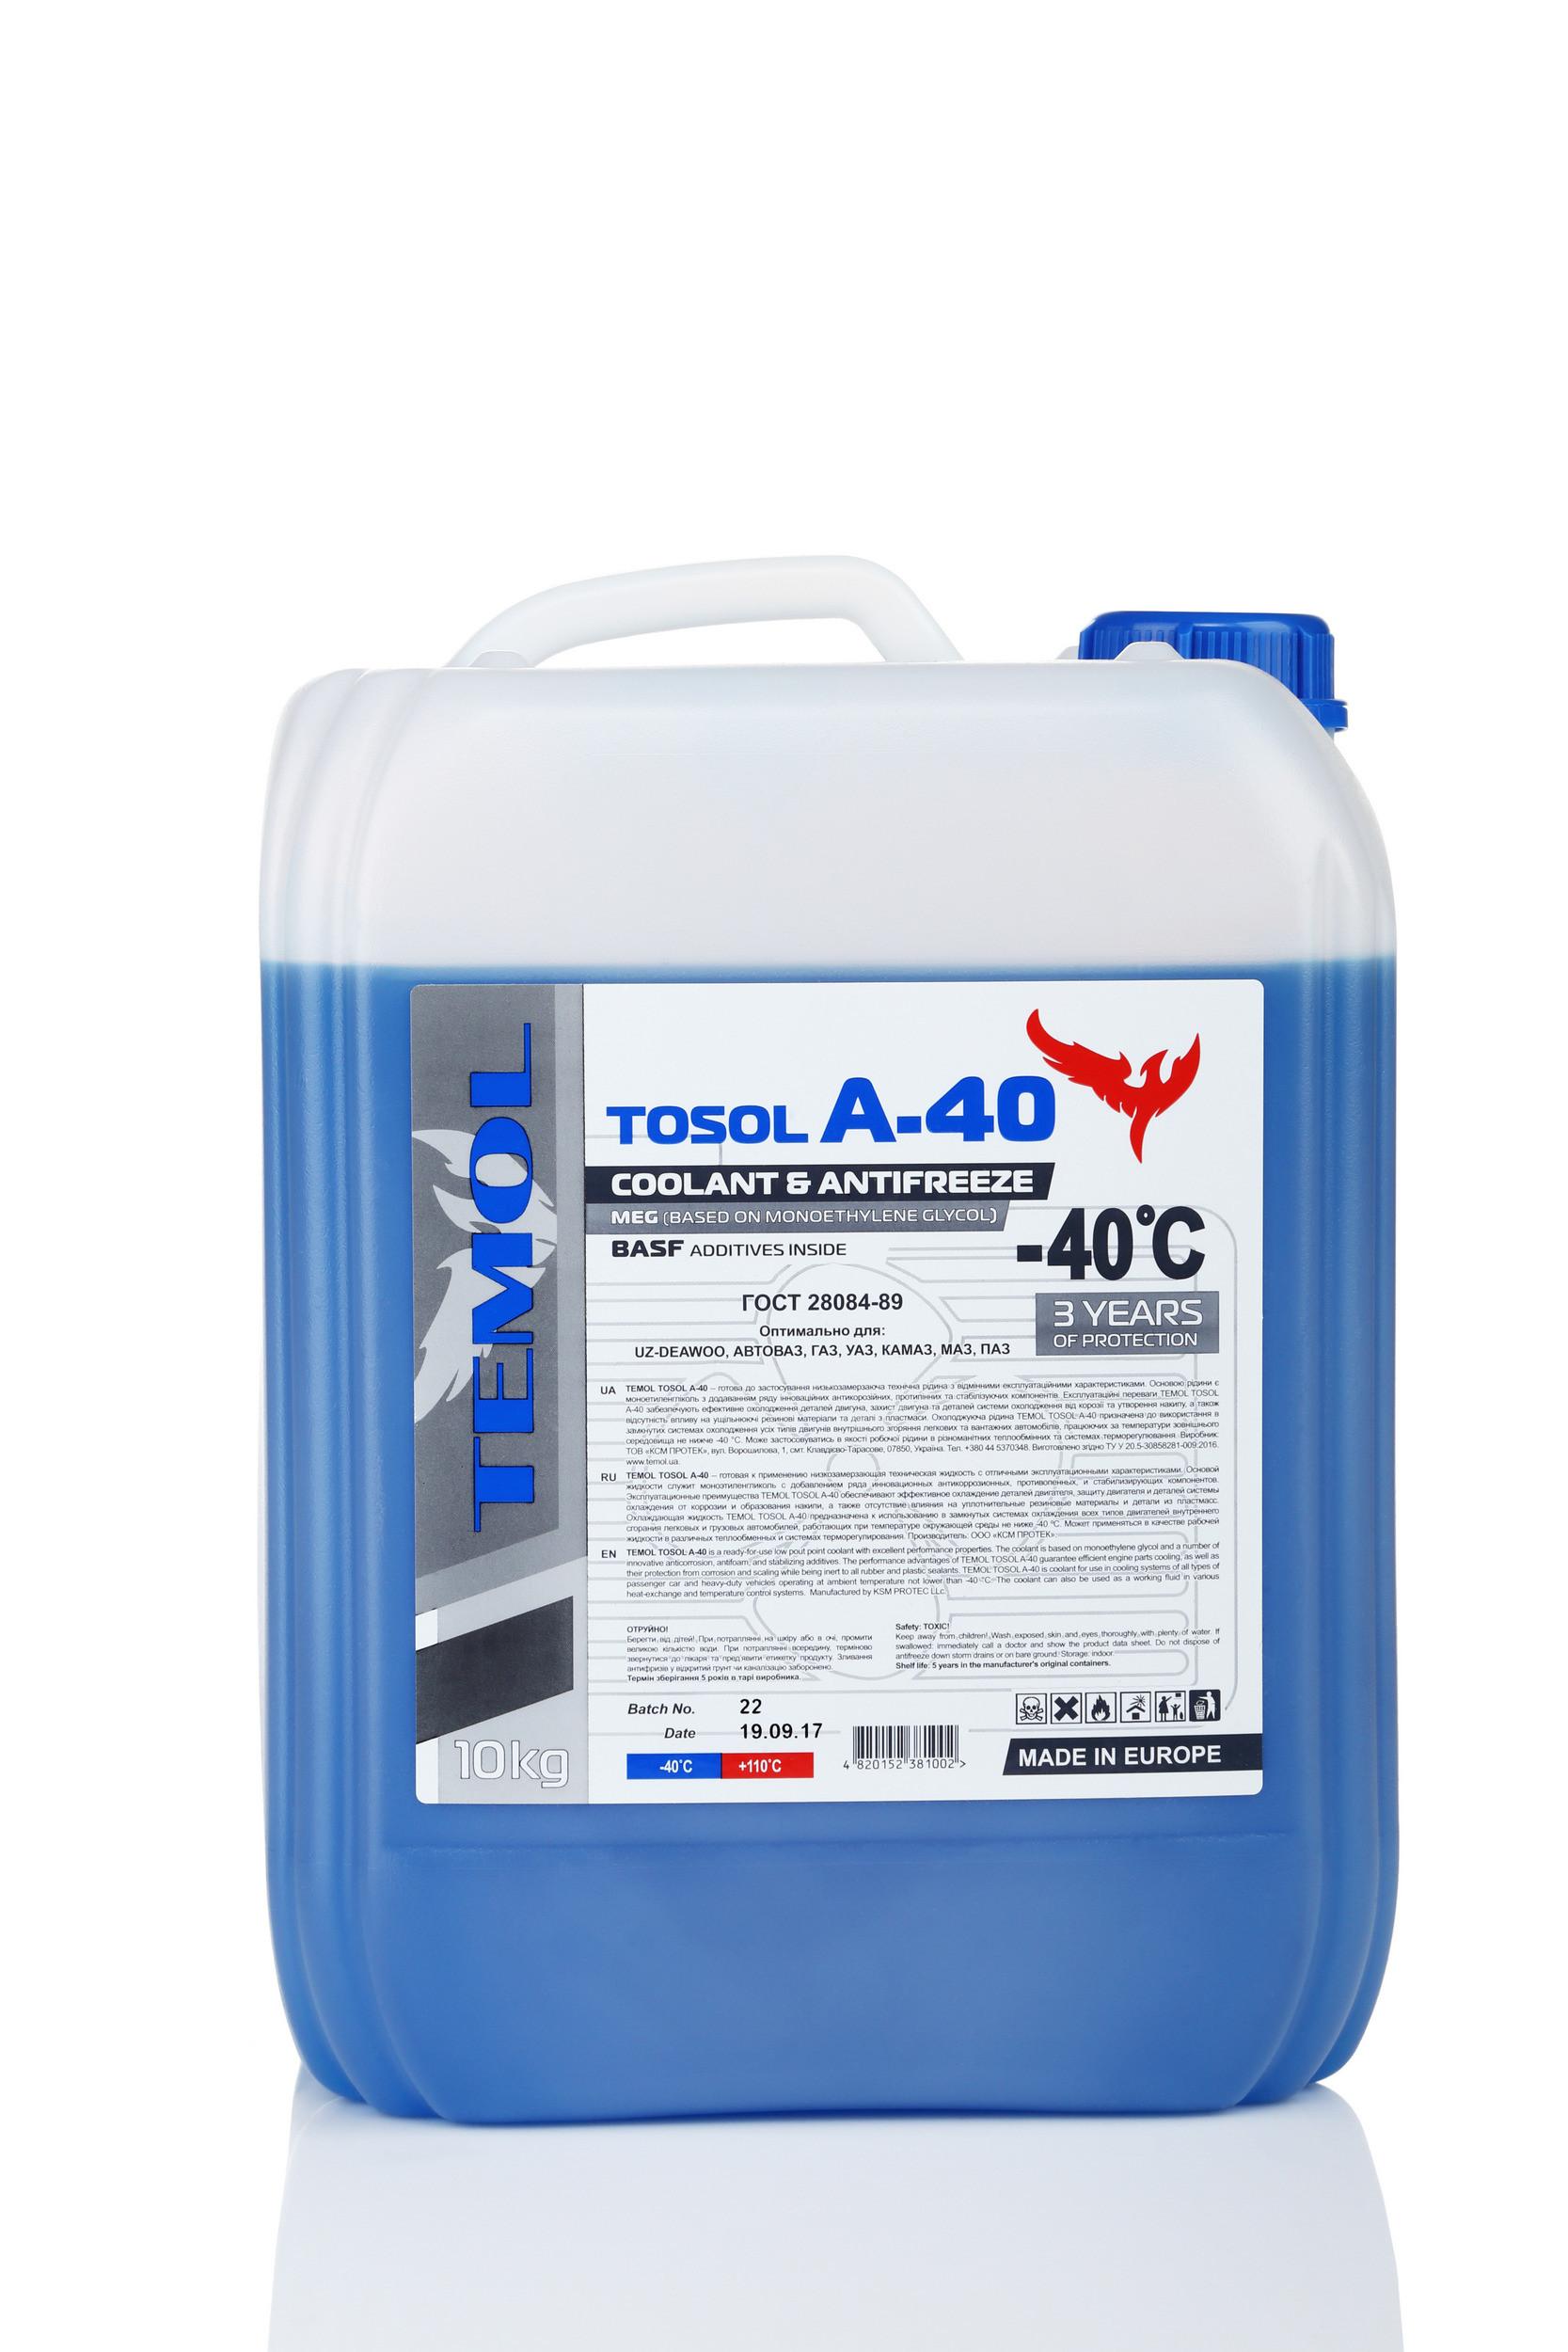 TEMOL TOSOL A-40 - 10L - Temol, официальный интернет-магазин